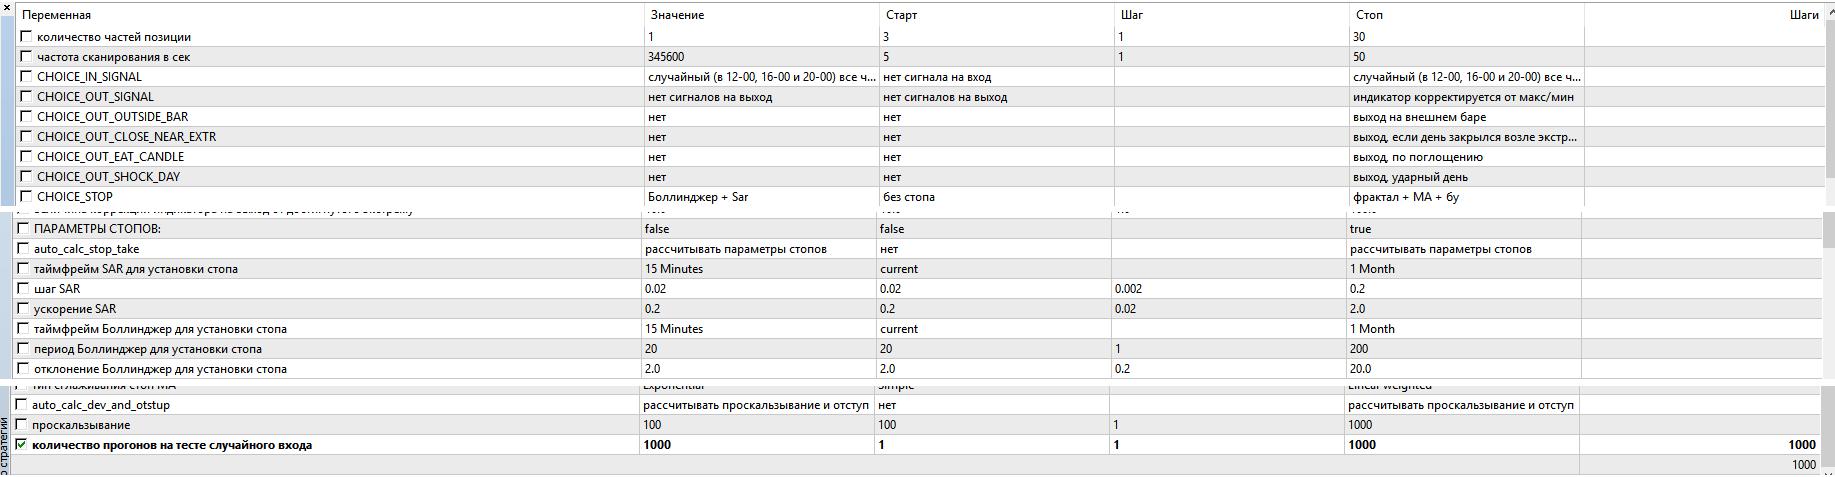 Настройка параметров для теста трейлинг стопа на основе индикаторов параболик и канала Боллинджера